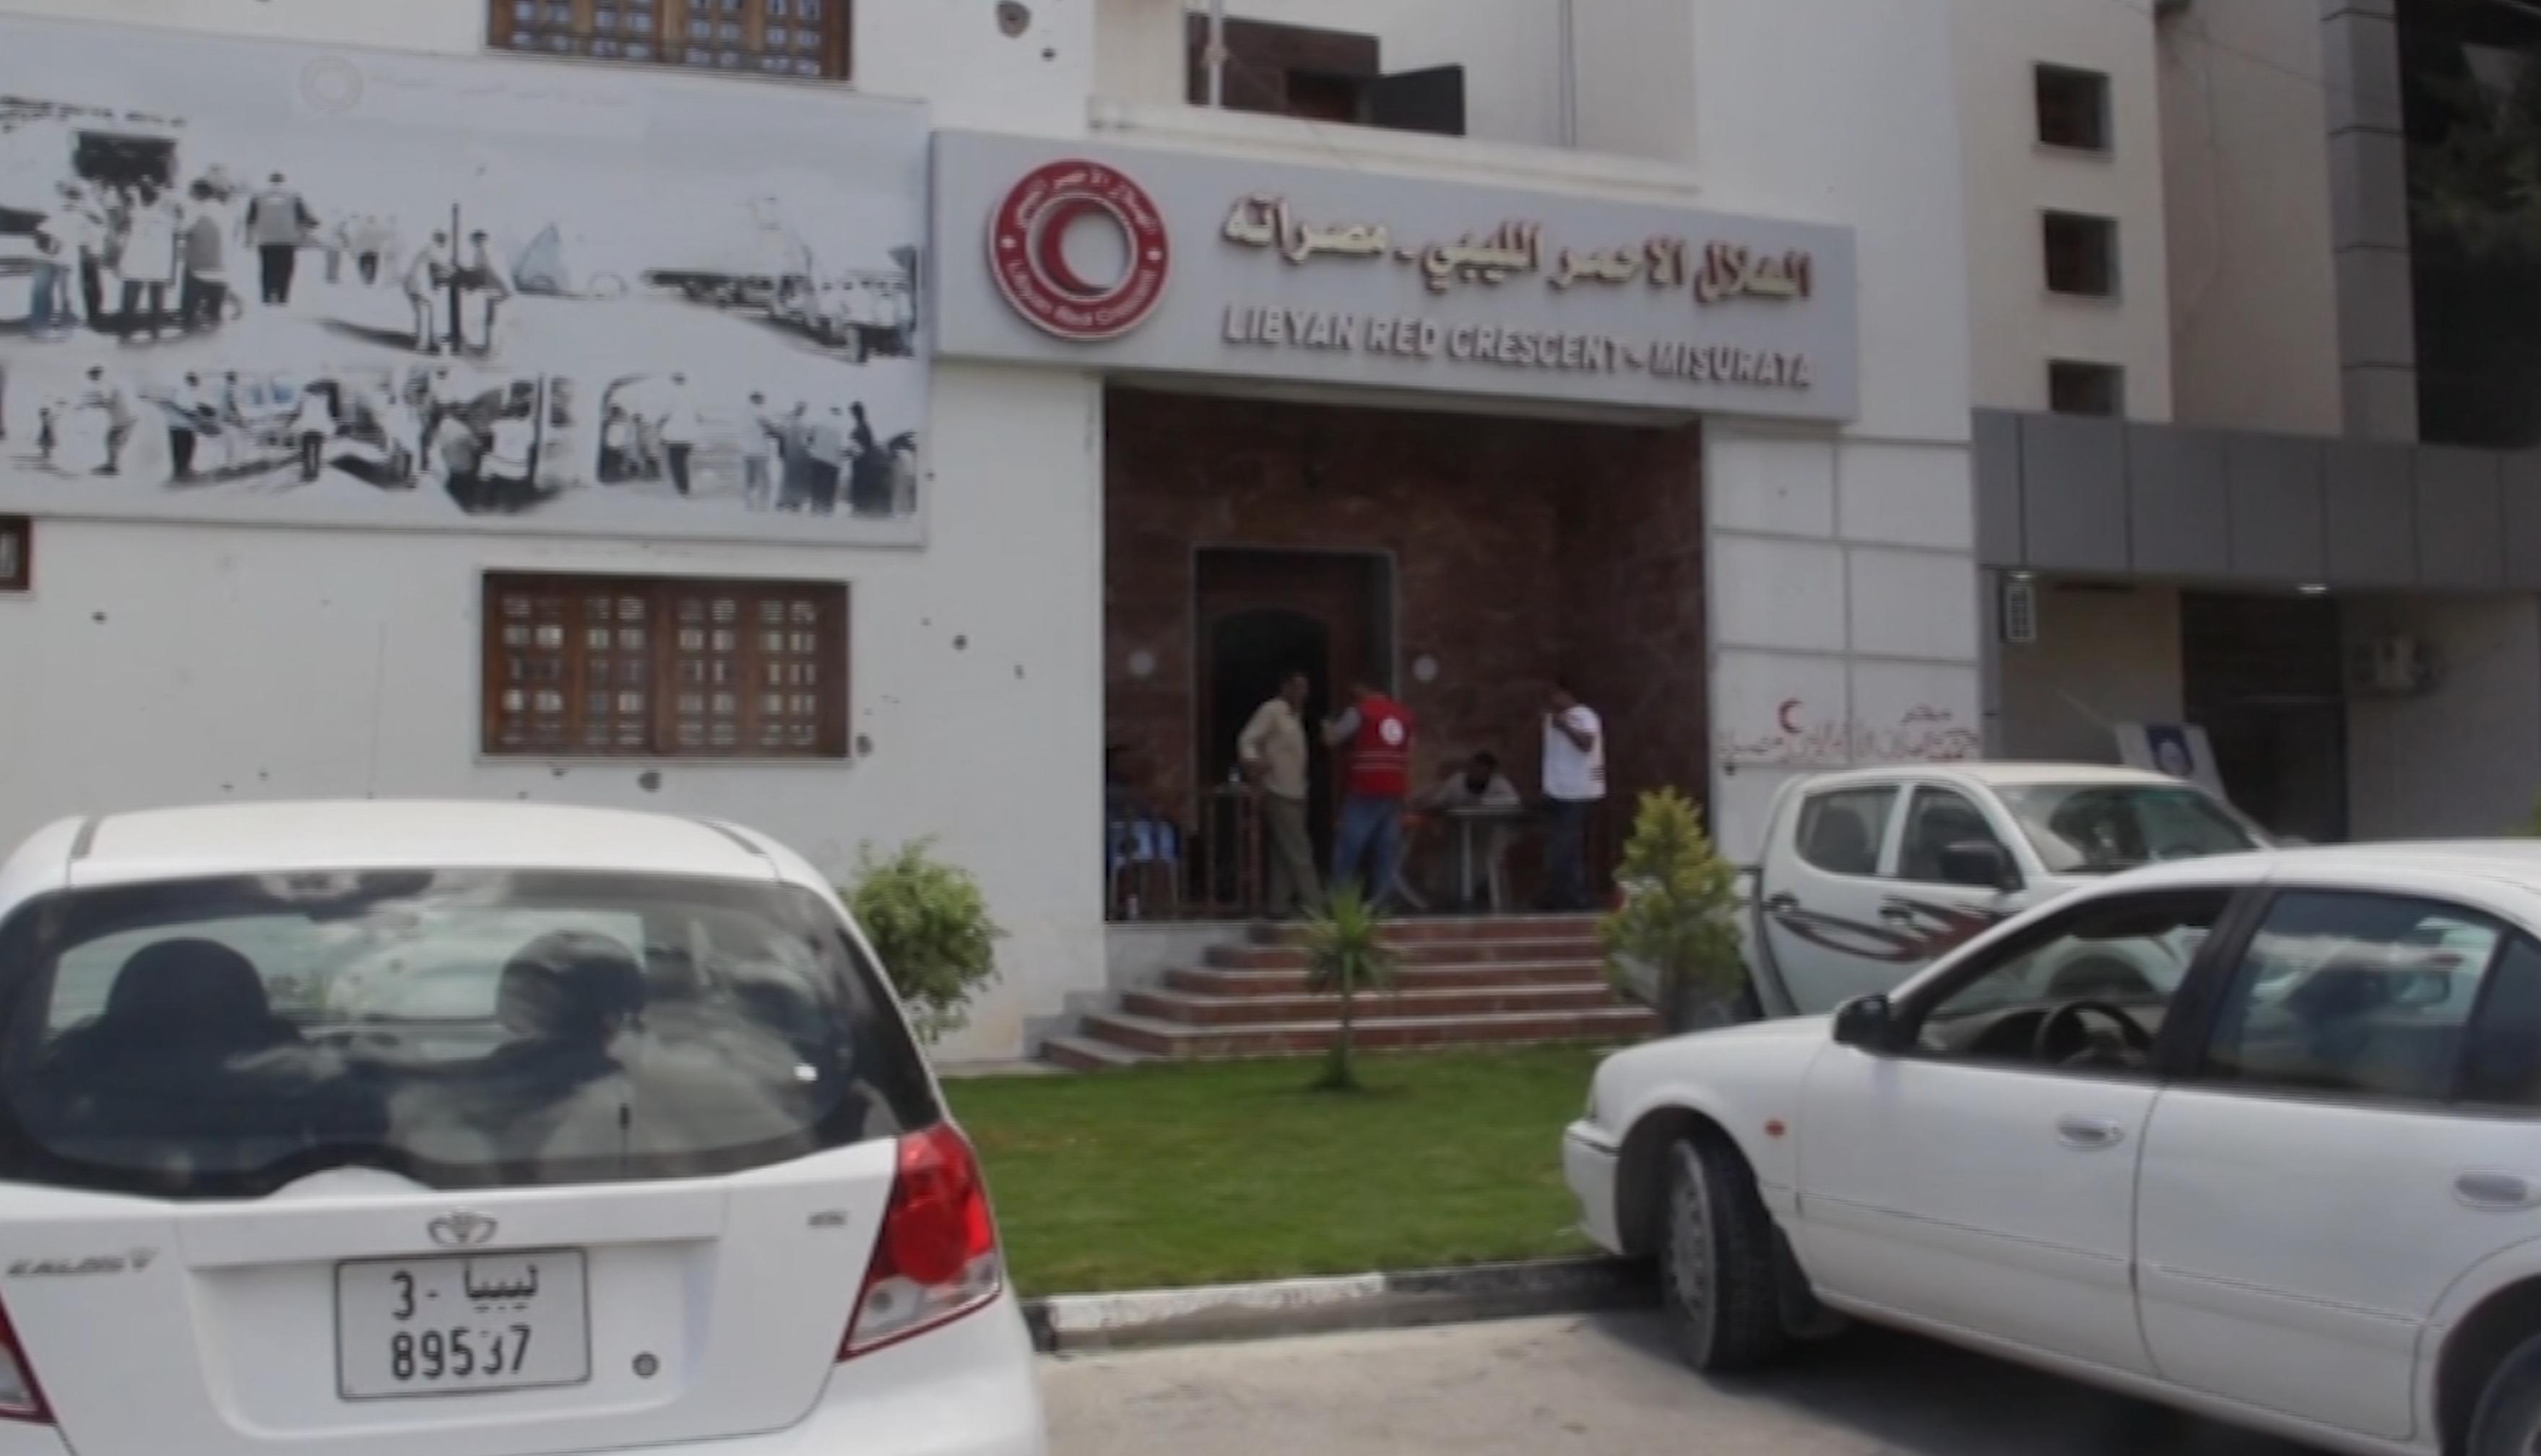 جمعية الهلال الأحمر الليبي فرع مصراتة